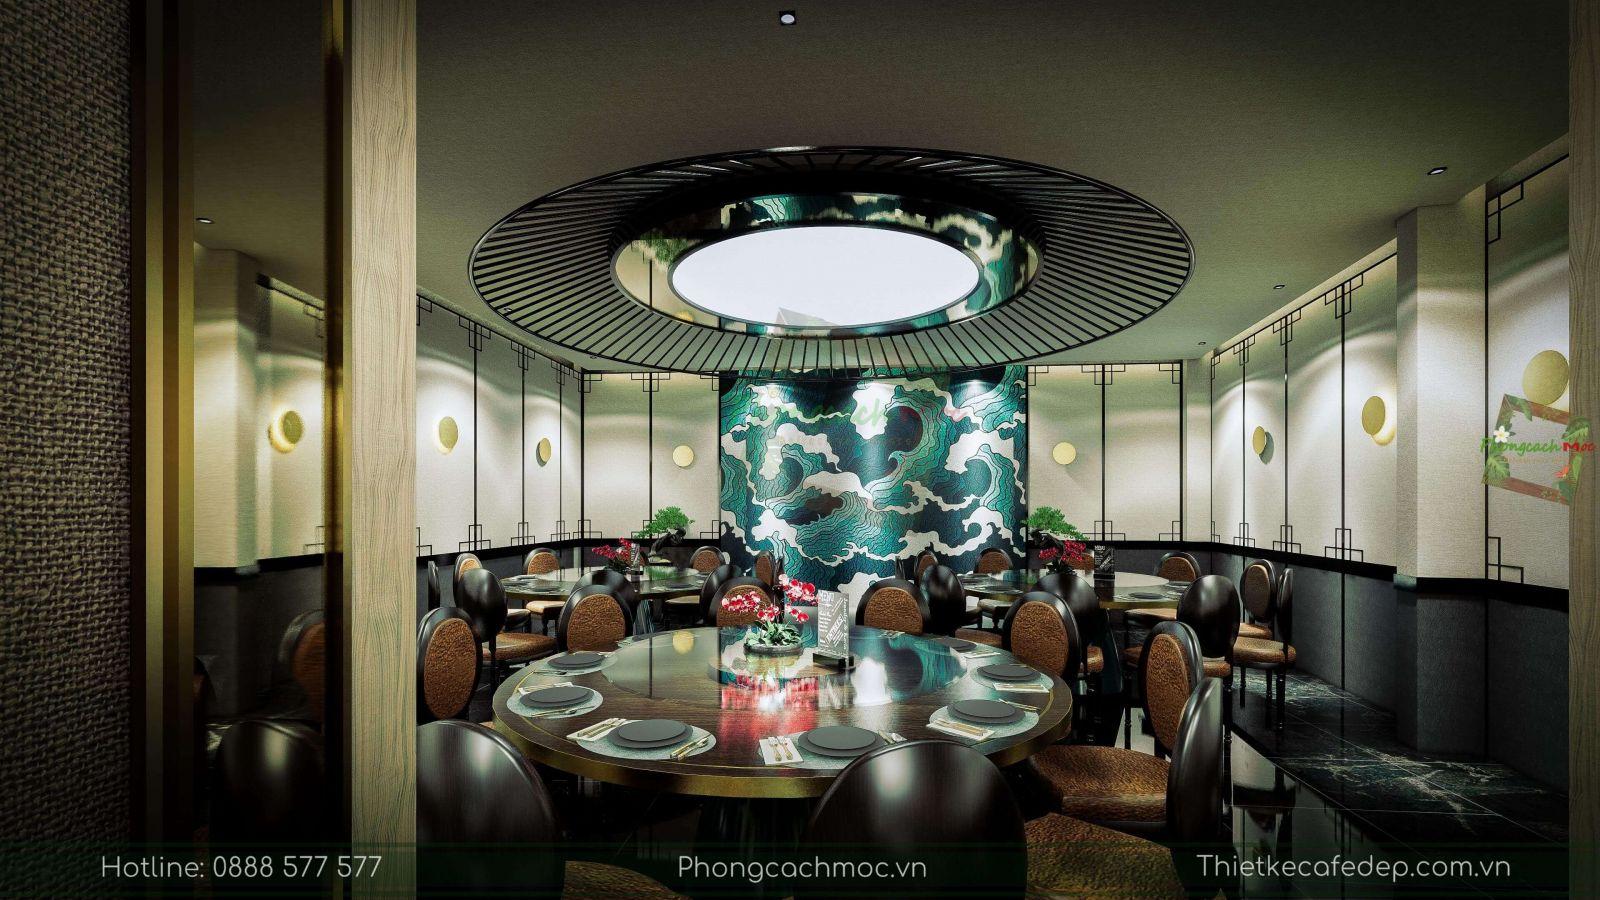 thiết kế nhà hàng trung hoa - nội thất phòng vip 1 - 3